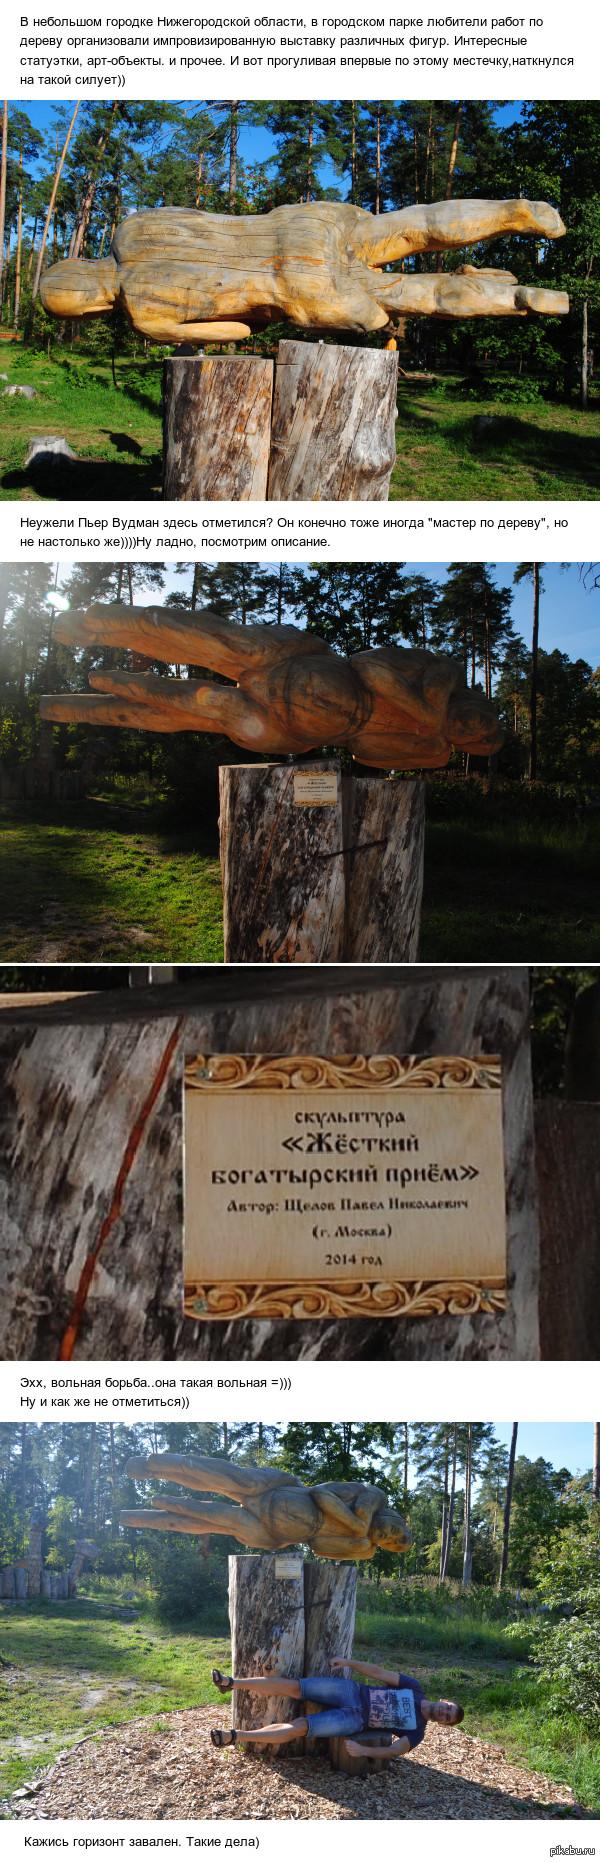 Вольная борьба в парке искусств внезапно)